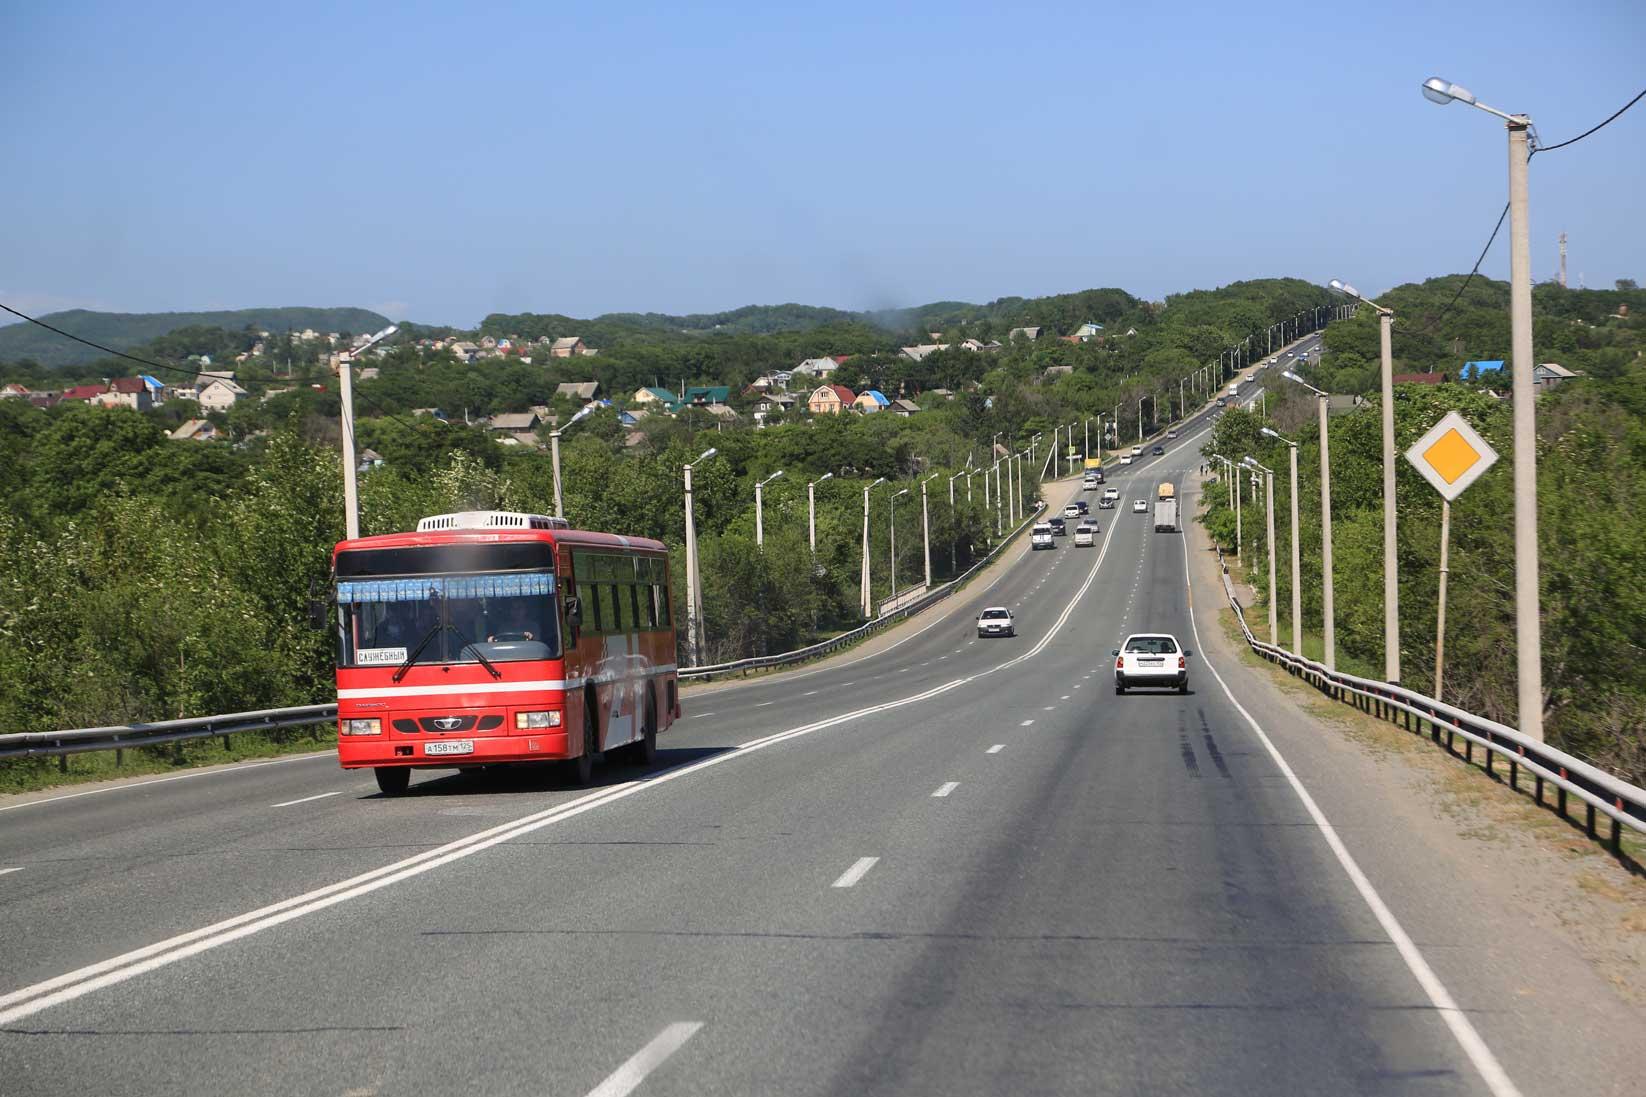 国境を越えるとこんなに風景が違うのか!?【中国からバスで行くウラジオストク(後編)】_b0235153_18511997.jpg